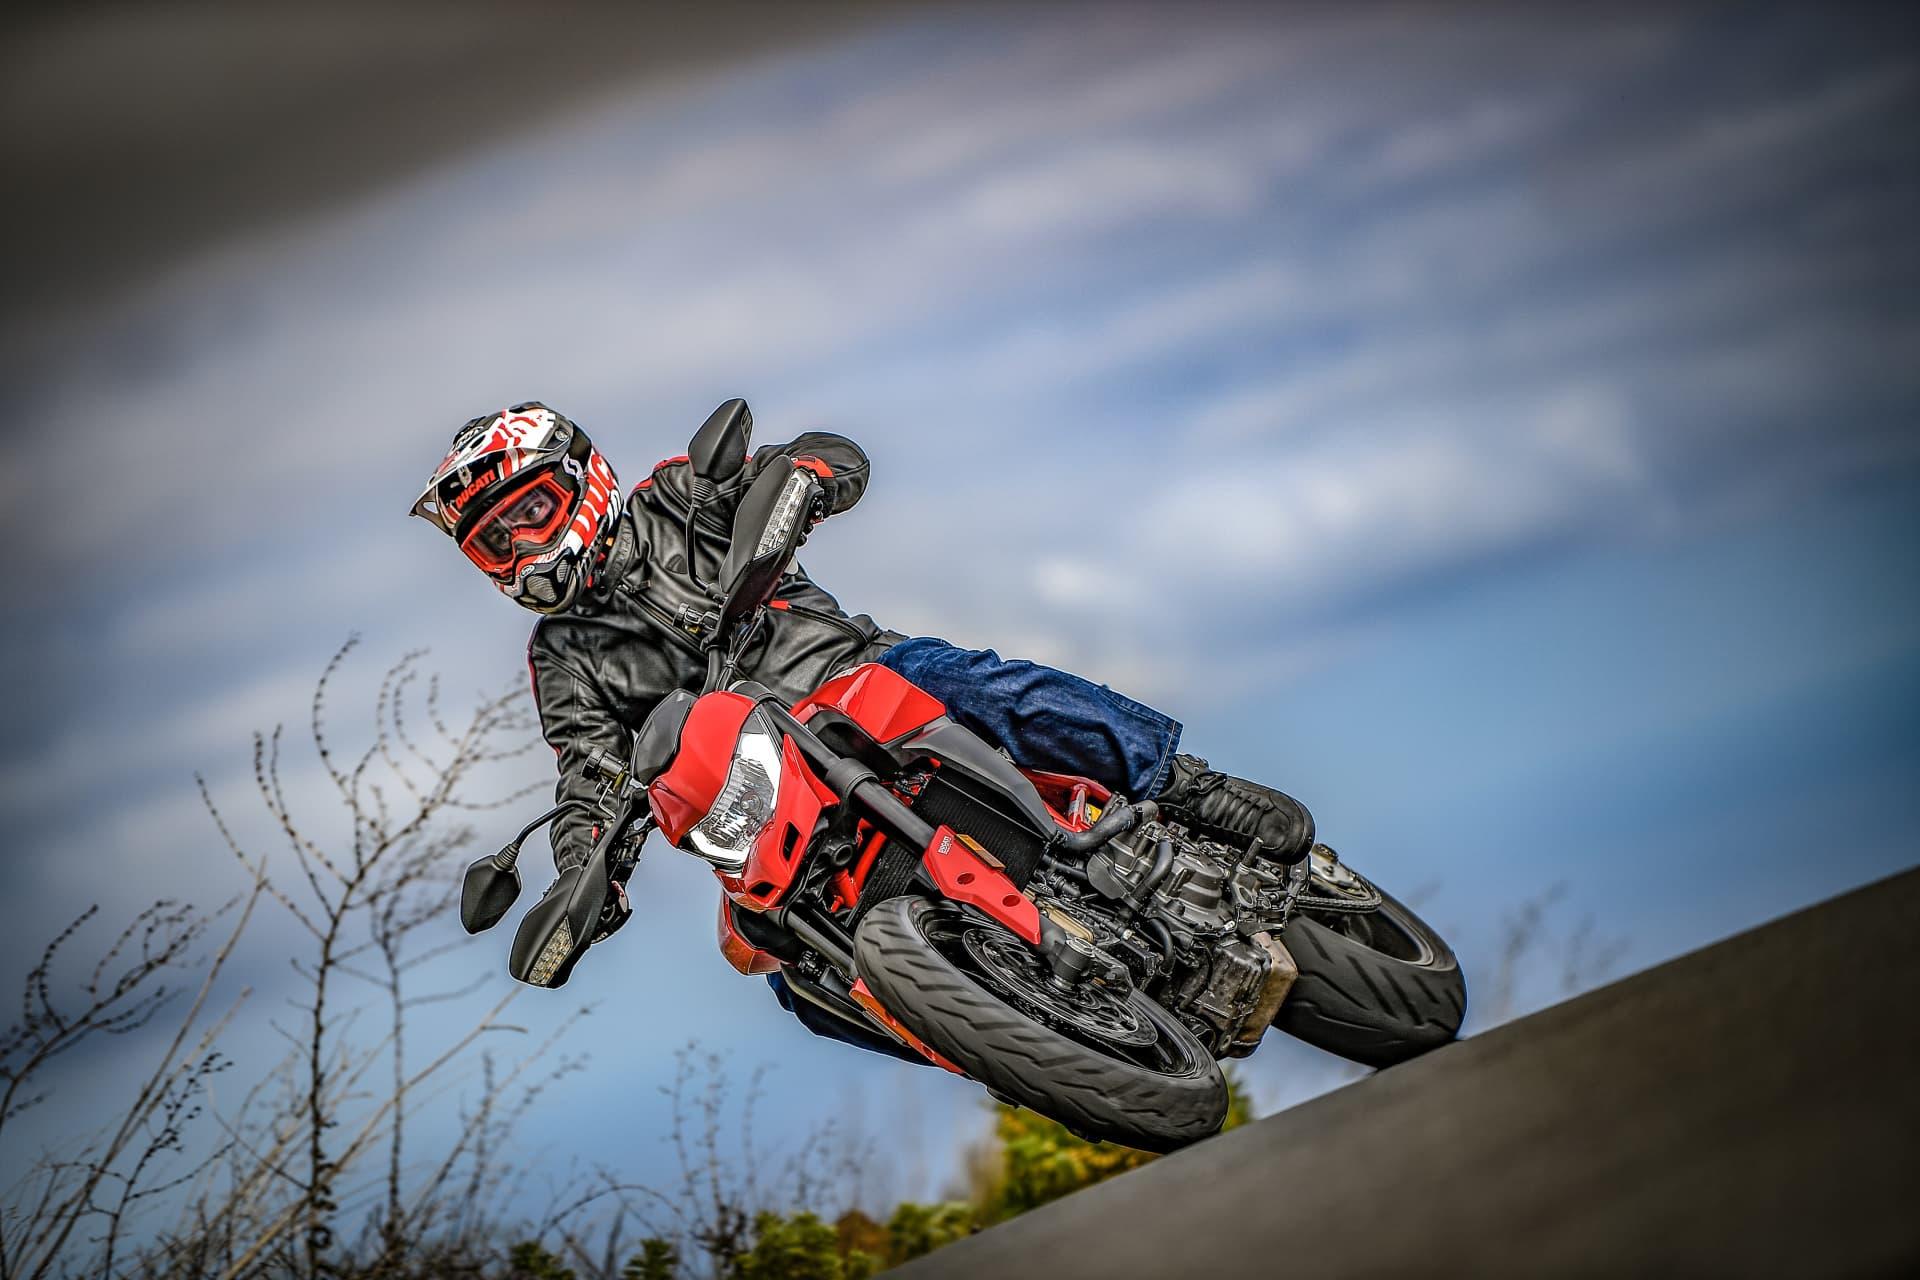 Ducati Hypermotard 950 Action 03 Uc70363 Mid